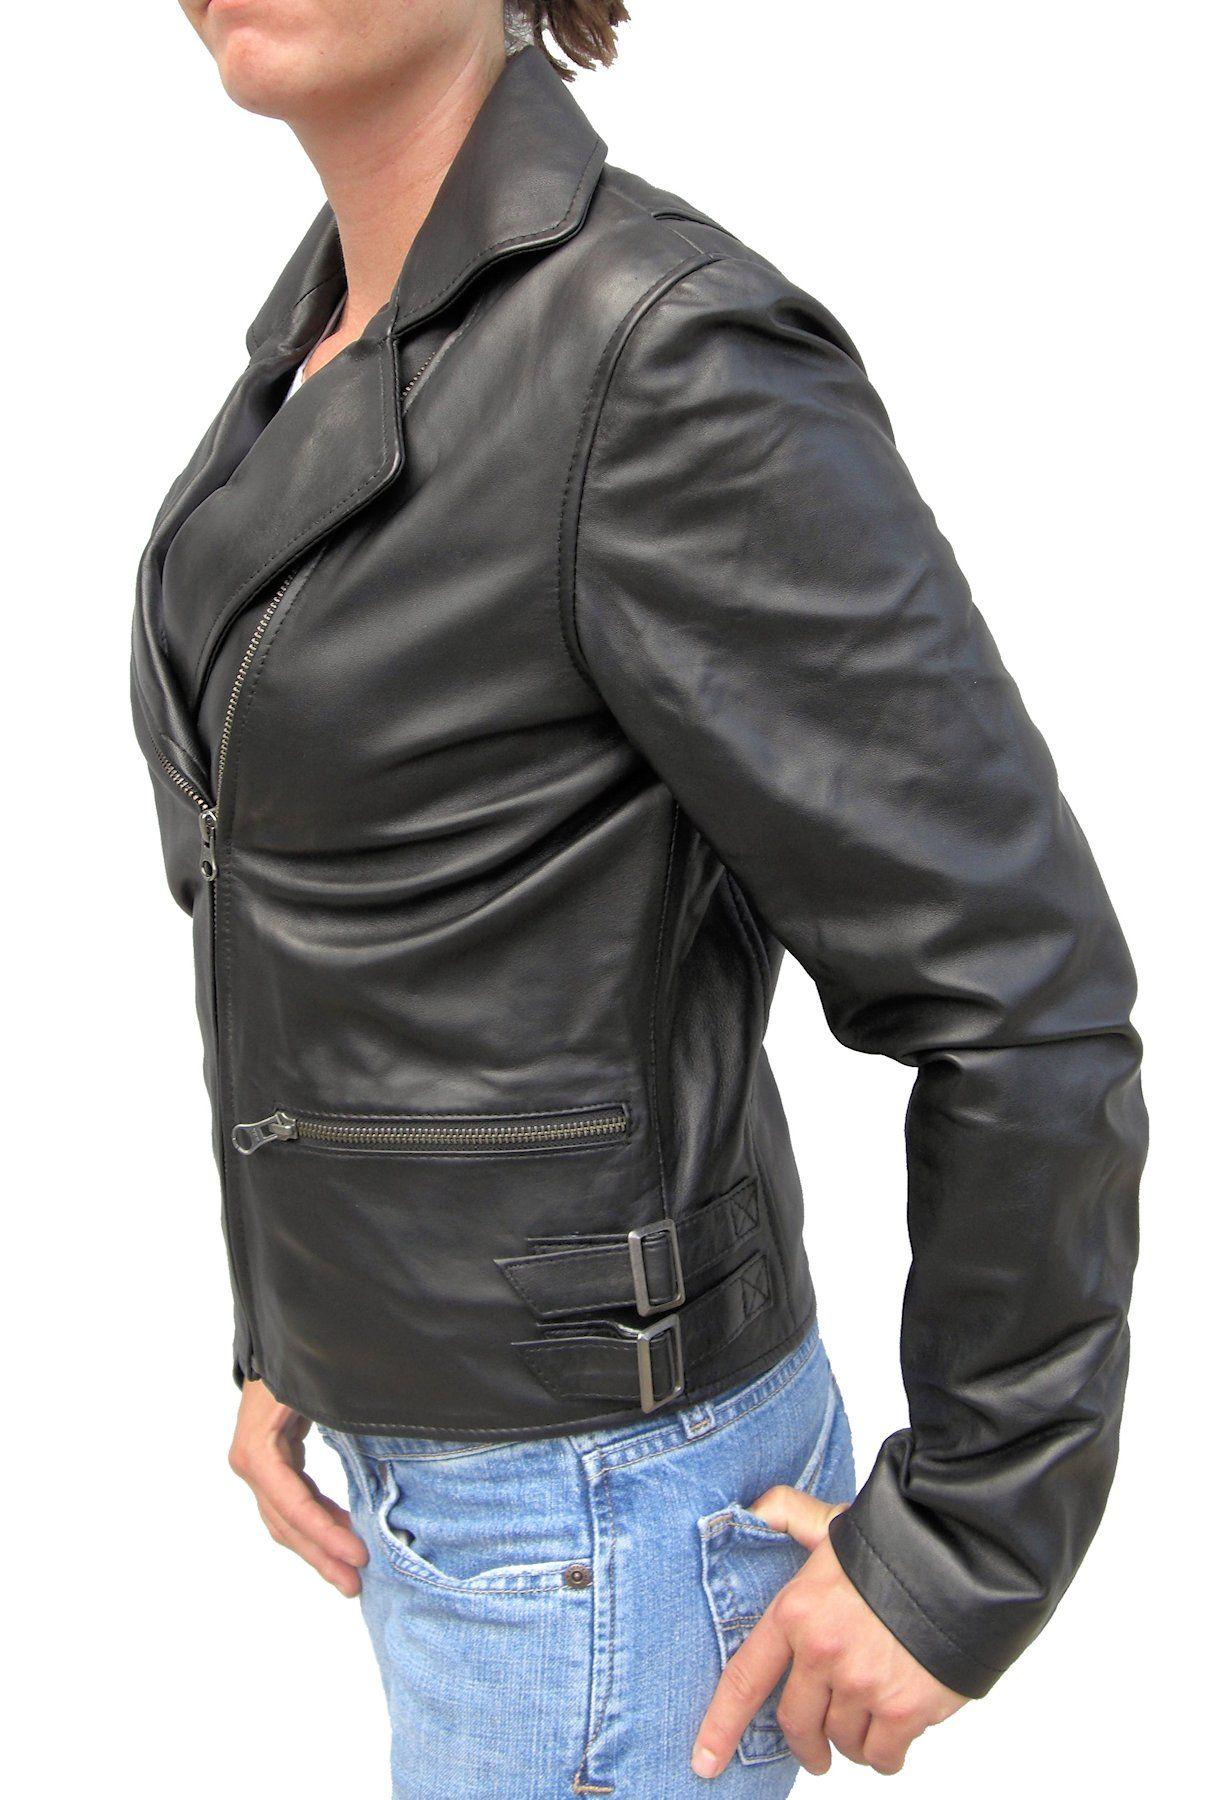 Ladies stylish motorcycle clothing new photo